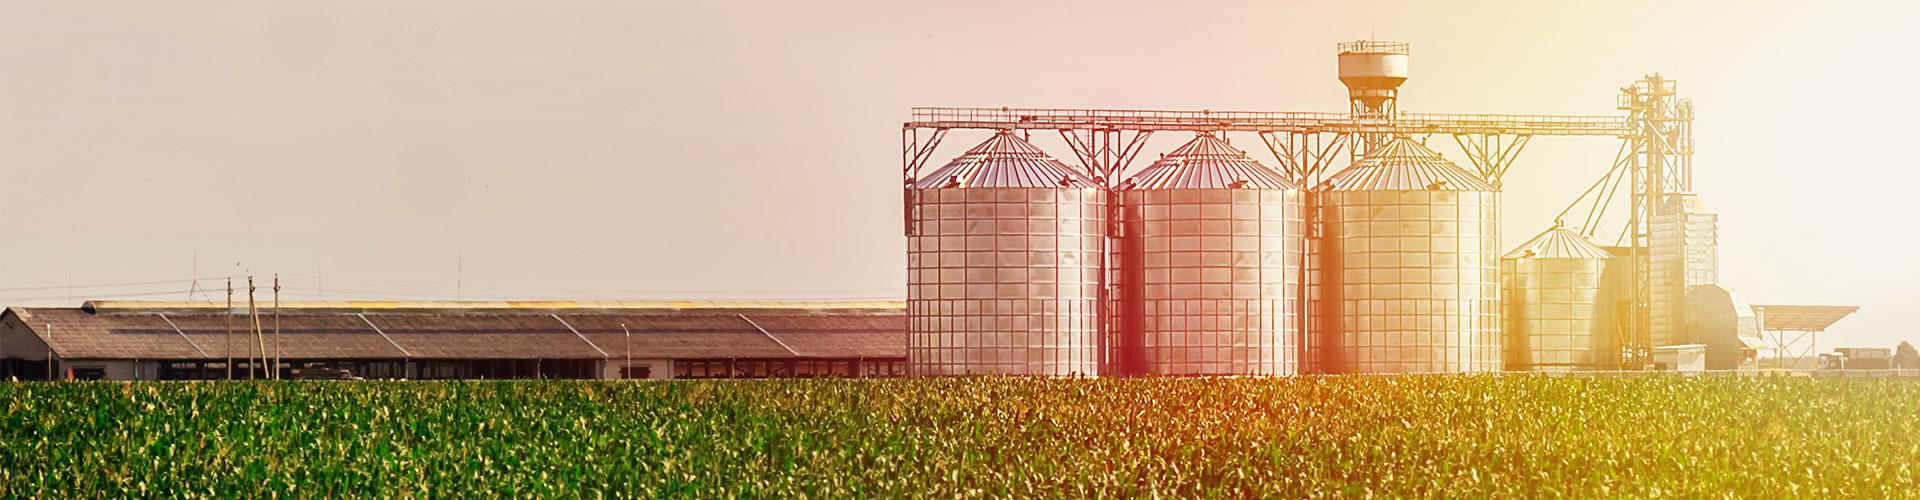 Medição de Nível em Tanques na indústria de Alimentos: Saiba Como Garantir a Eficiência e Eliminar Perdas